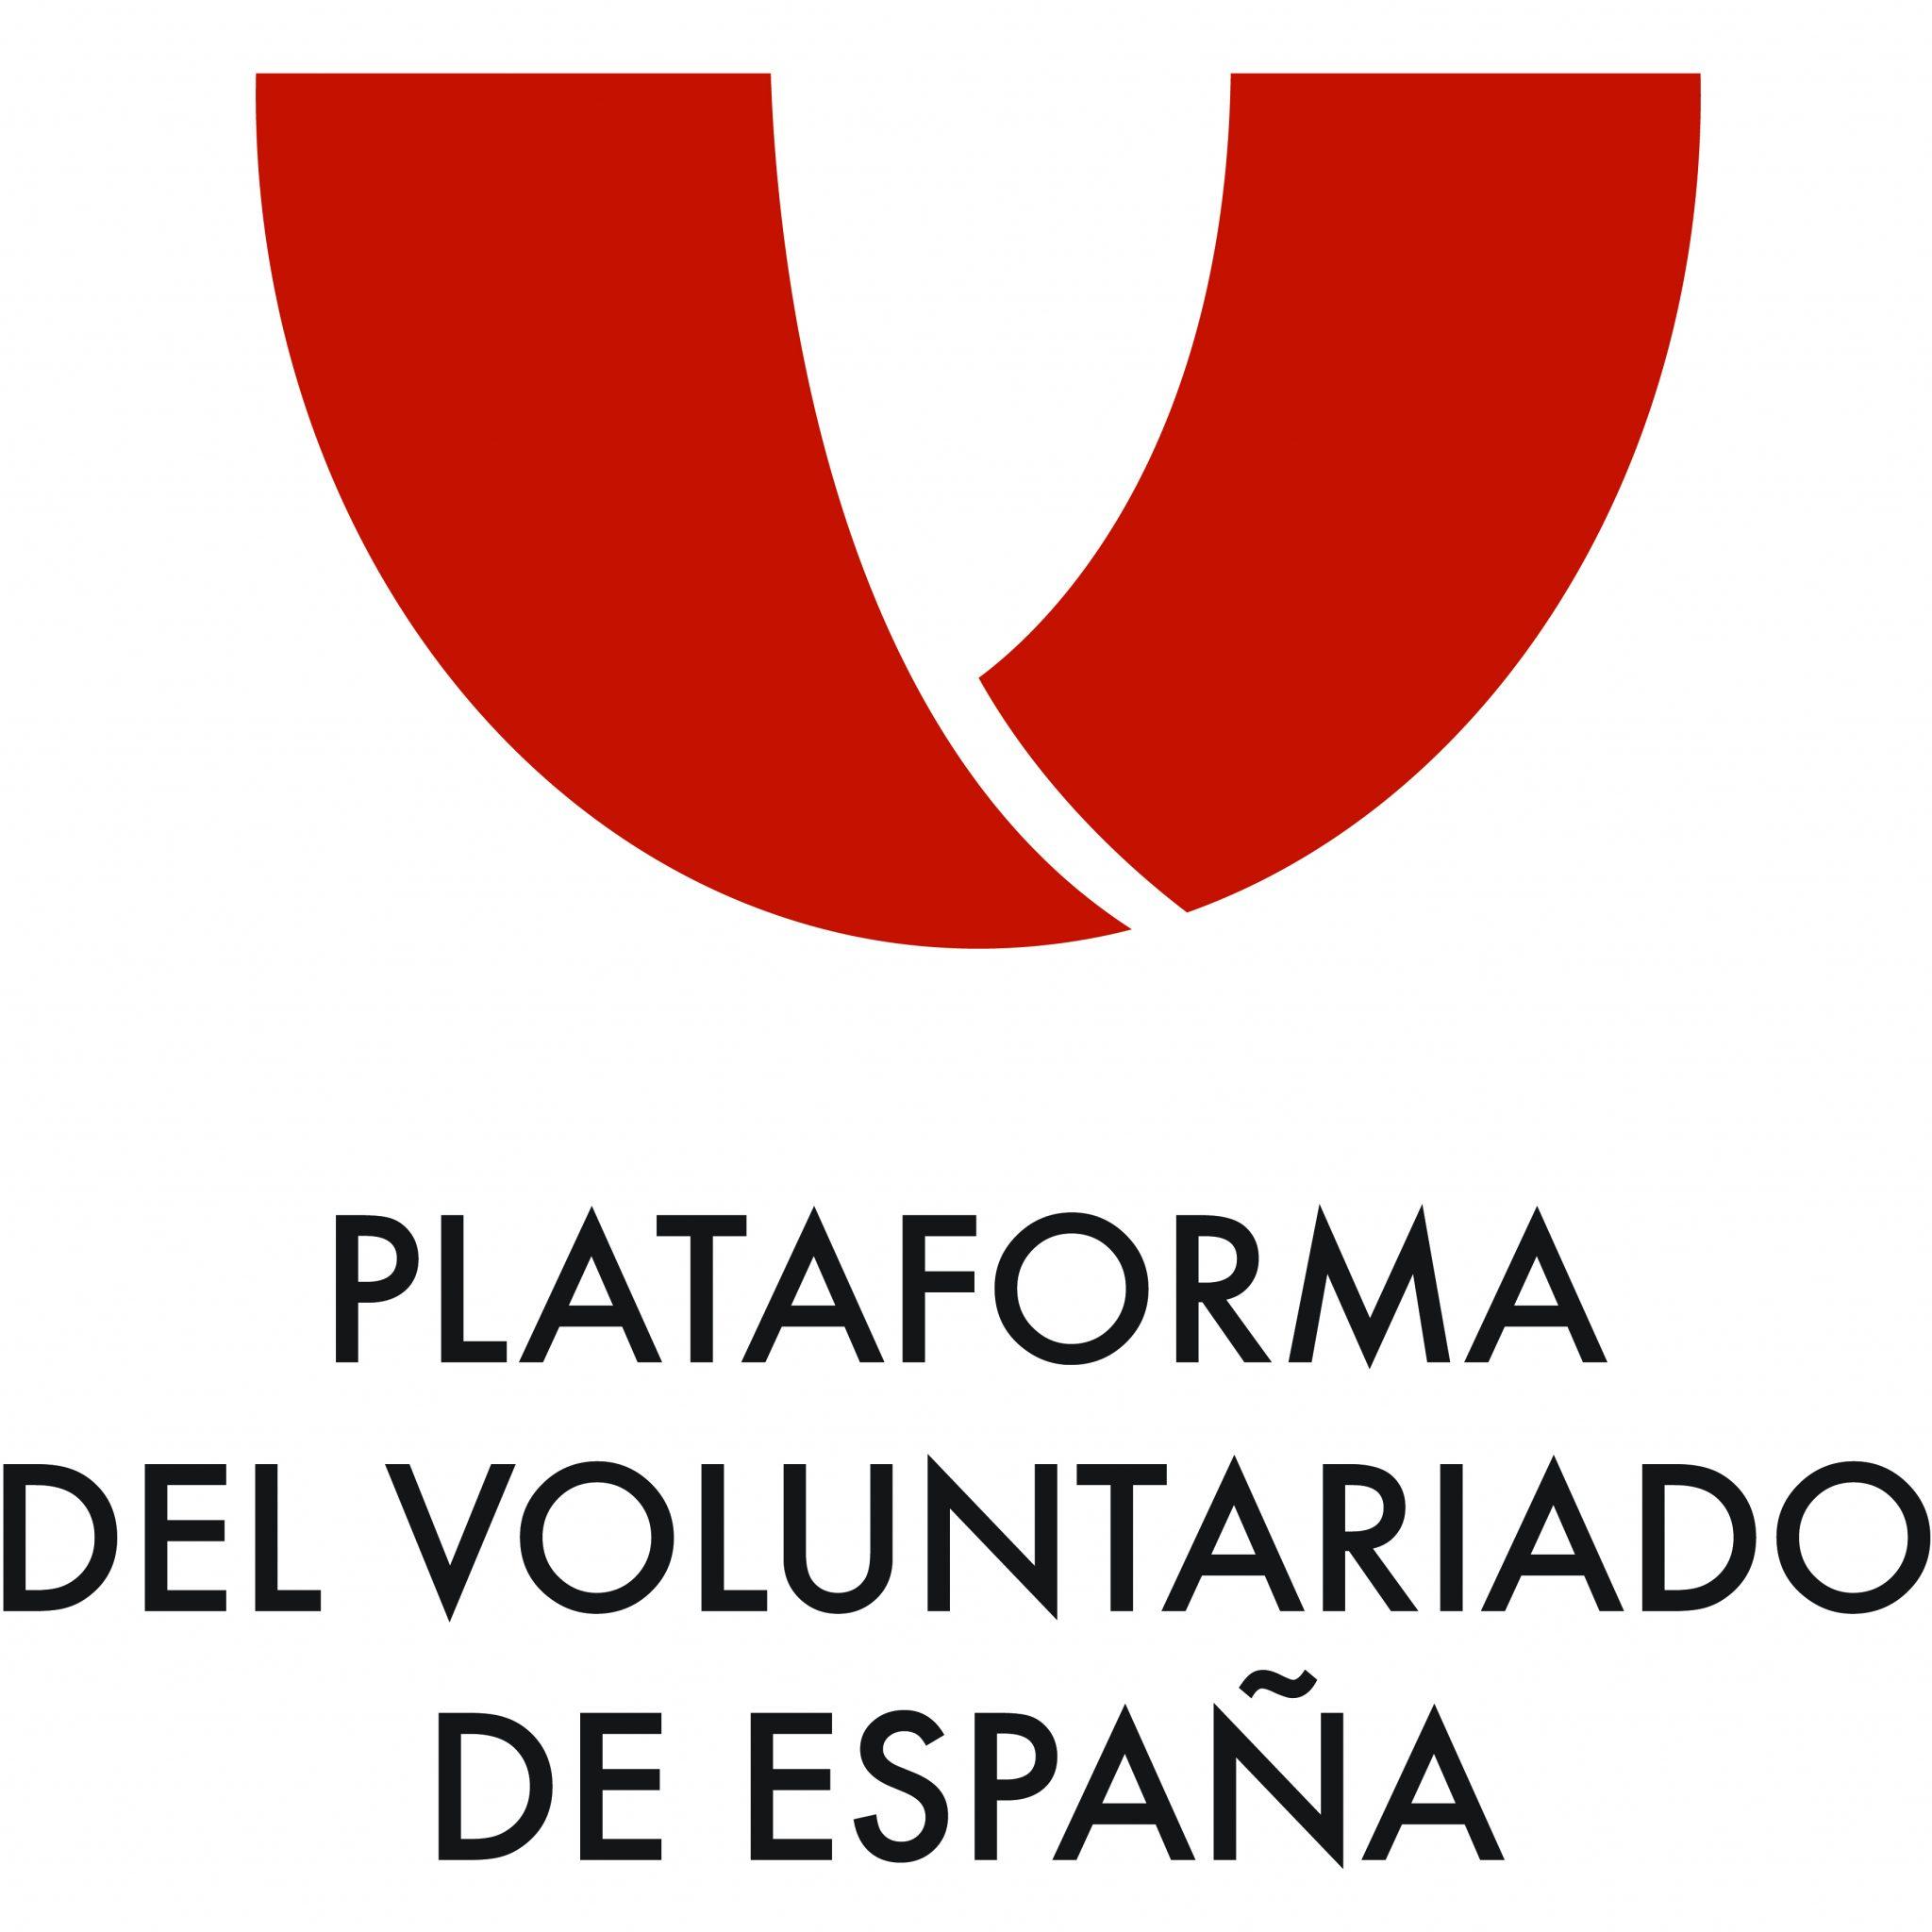 Plataforma de Voluntarios de España